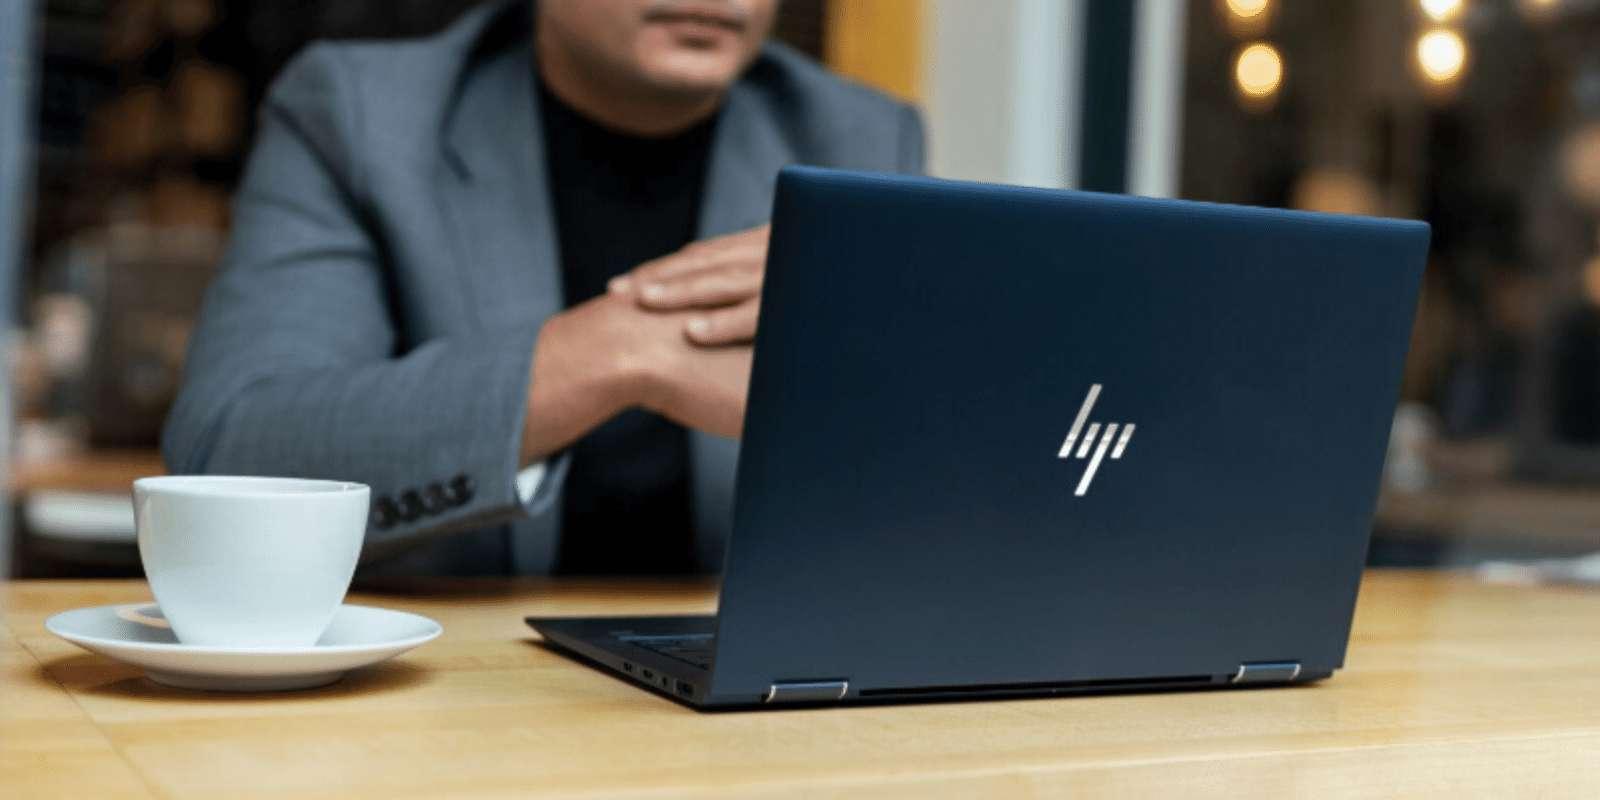 Dernier ordinateur portable ultrafin signé HP, l'Elitebook Dragonfly est à surveiller du prêt en ces jours de Black Friday et de Cyber Monday 2019. ©HP Store